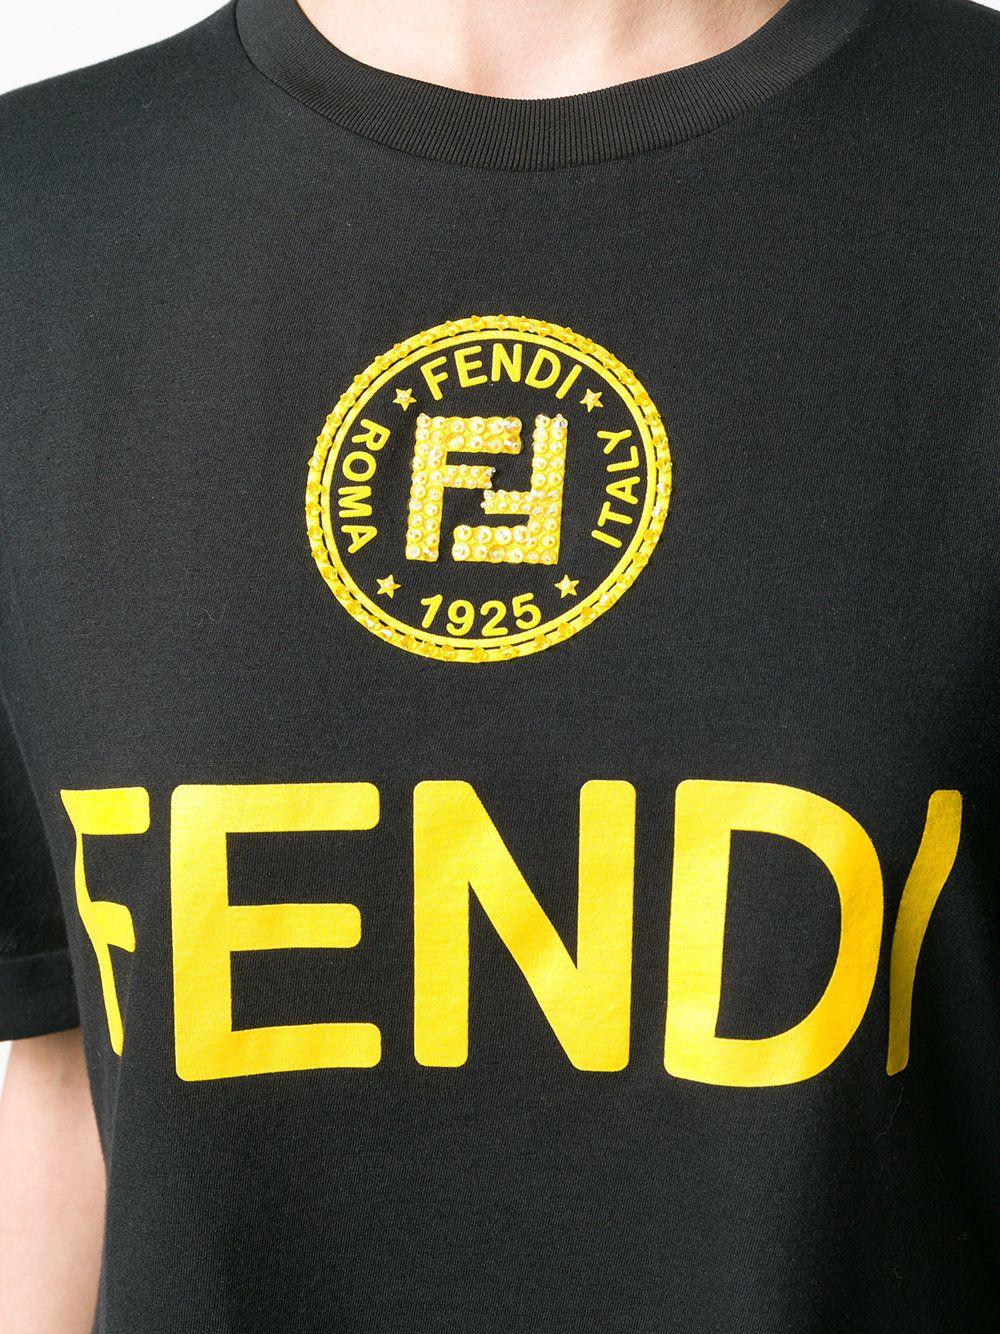 Fendi embellished FF logo Tshirt Tshirt logo, Fendi, T